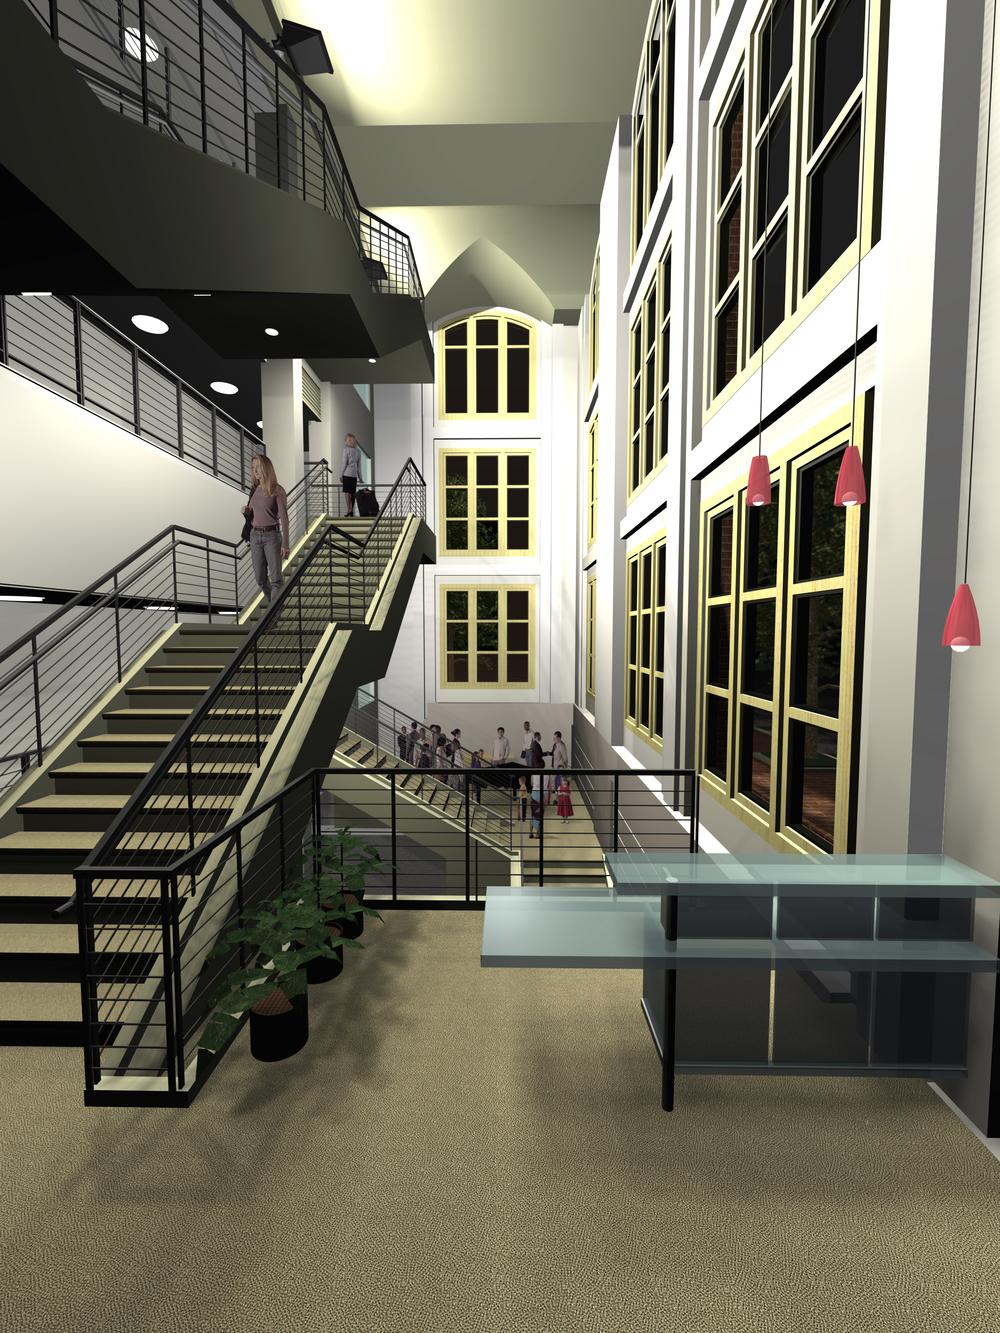 rend-atrium-300ppi-8x10.jpg